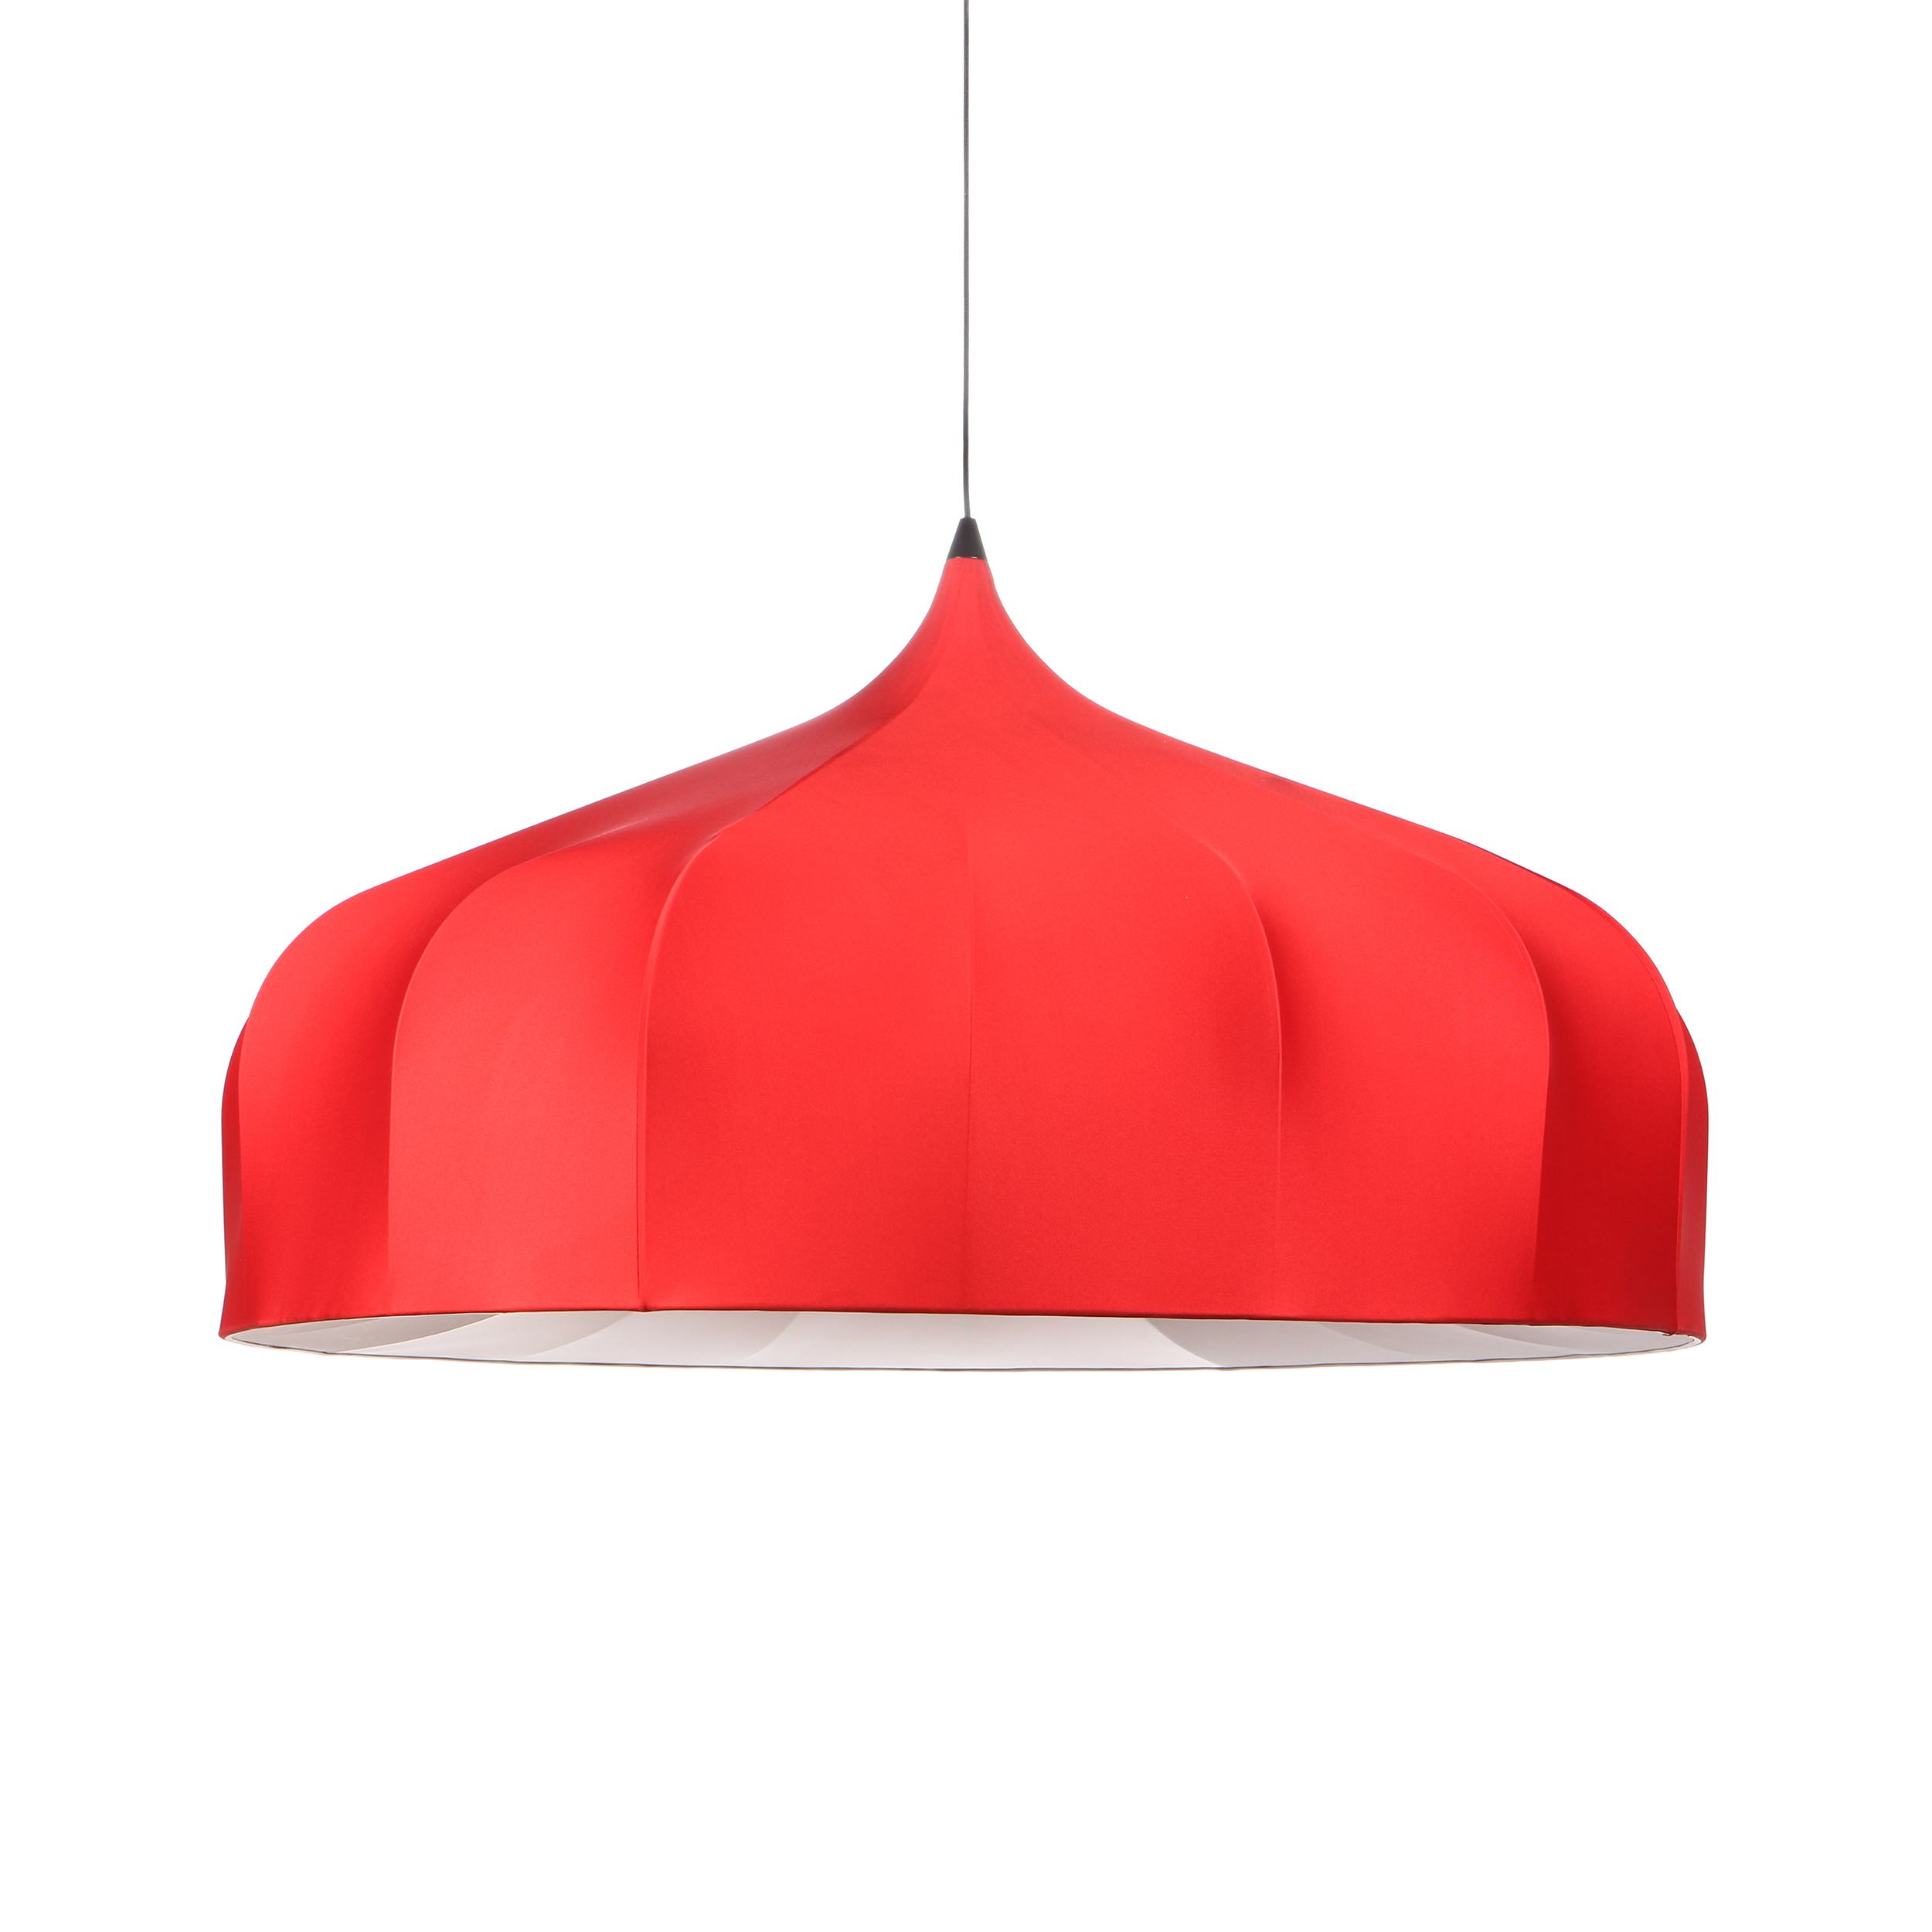 Подвесной светильник Dome Modern диаметр 116Подвесные<br>Подвесной светильник Dome Modern диаметр 116 получил свое название из-за формы абажура (dome в переводе с английского — «купол»).<br><br><br> Внутренний каркас — стальная проволока, абажур выполнен из эластичного полиэстера черного/красного/белого цвета (внутренняя поверхность — термостойкая ткань). Рекомендуется очищать абажур от пыли при помощи щетки-ролика с липкой поверхностью.<br><br><br> Подвесной светильник Dome Modern диаметр 116 — оригинальная модель для стильного интерьера.<br><br>stock: 7<br>Высота: 150<br>Диаметр: 116<br>Количество ламп: 1<br>Материал абажура: Ткань<br>Материал арматуры: Металл<br>Ламп в комплекте: Нет<br>Напряжение: 220<br>Тип лампы/цоколь: E27<br>Цвет абажура: Красный